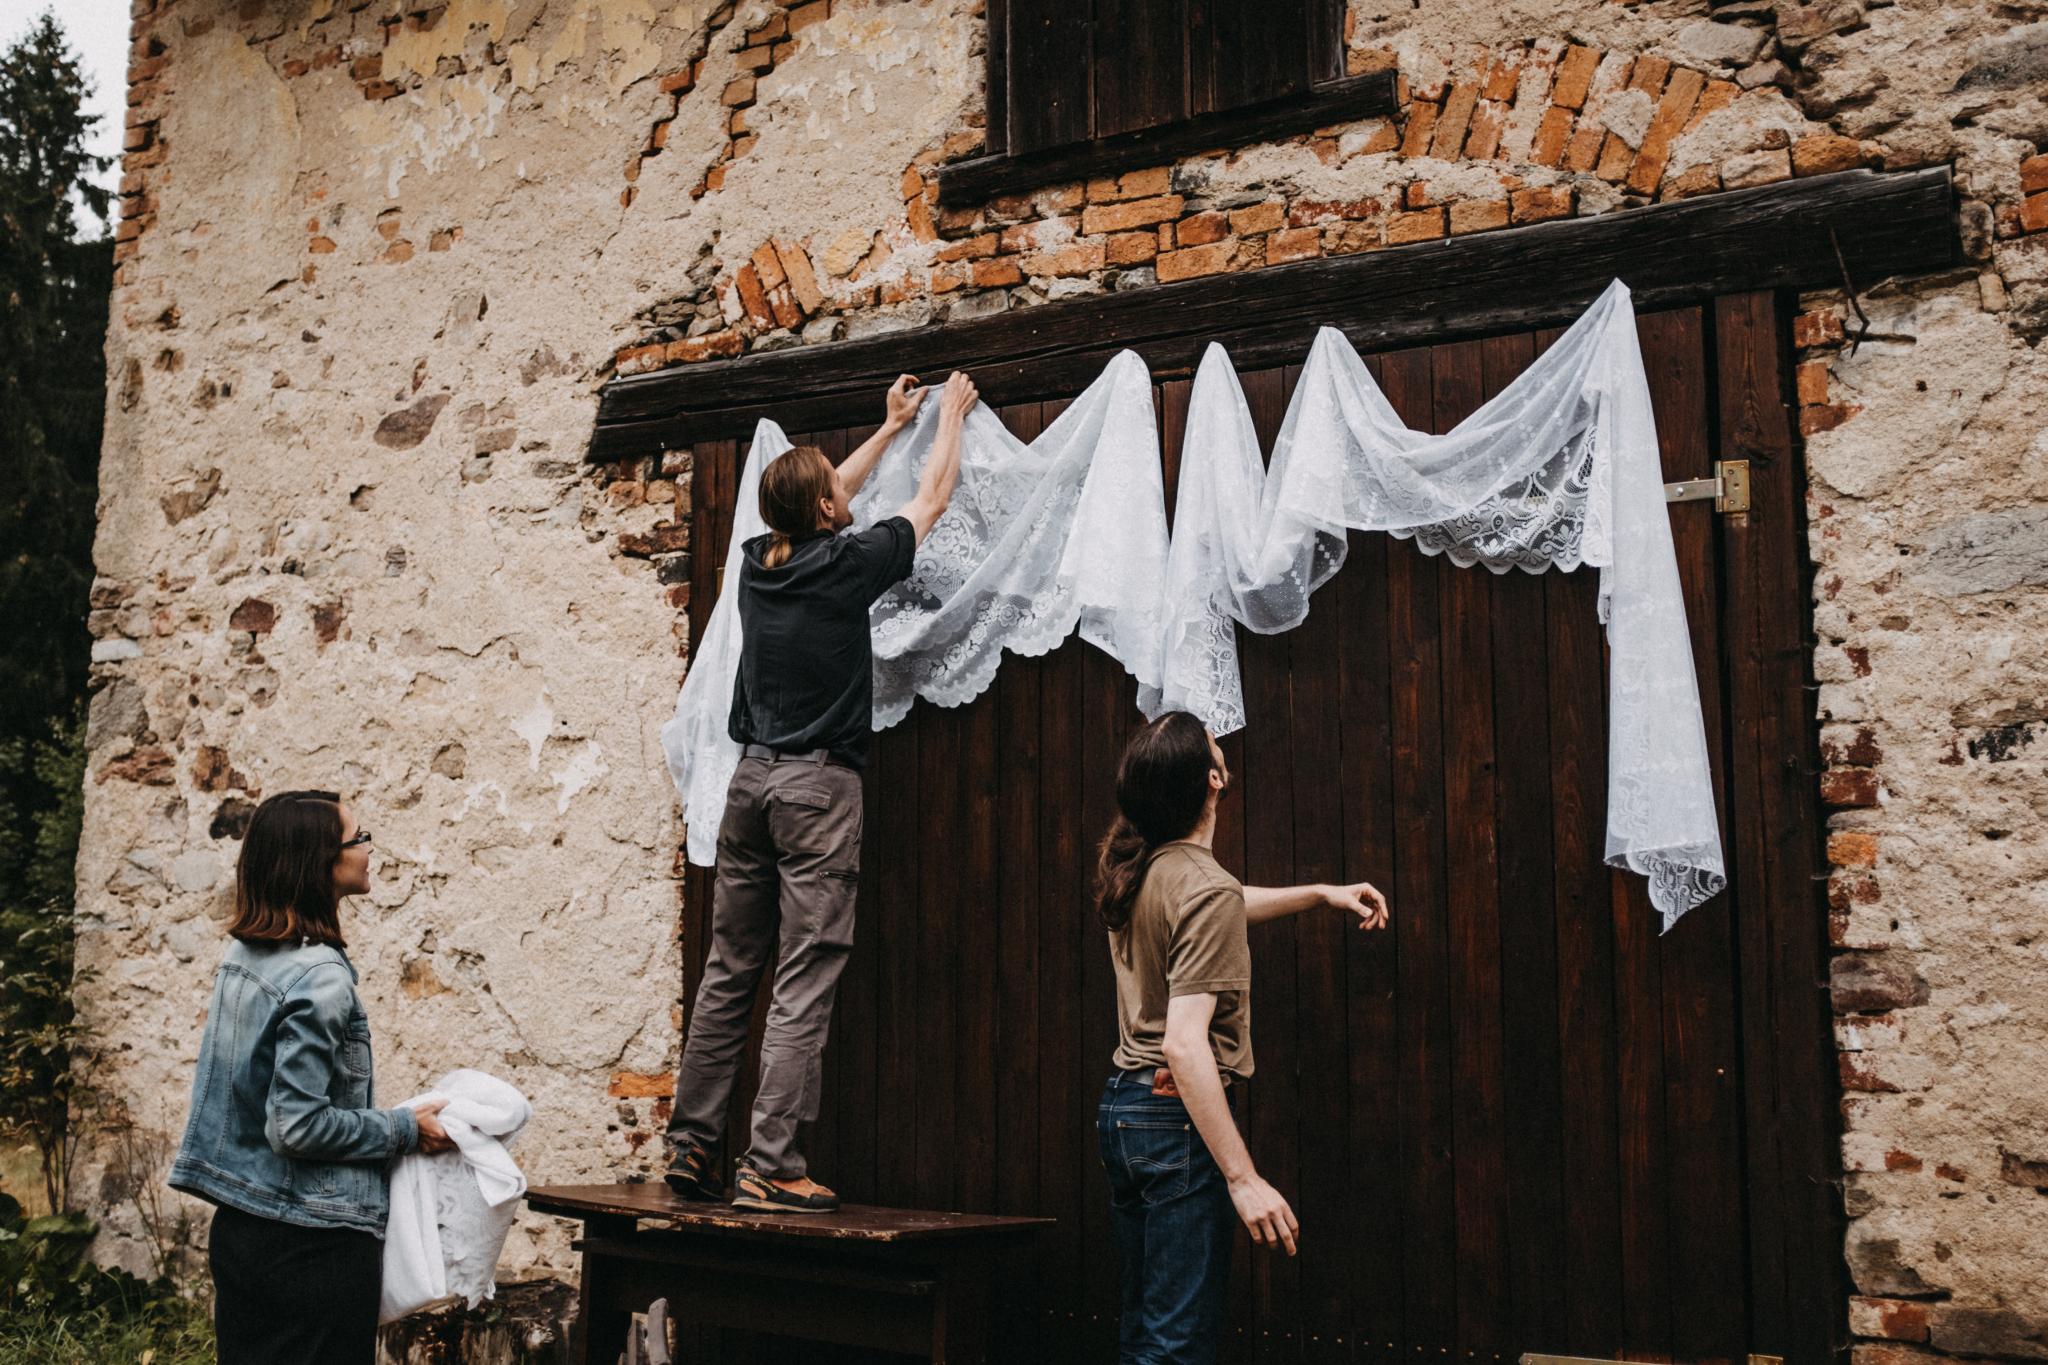 výzdoba svatby venku